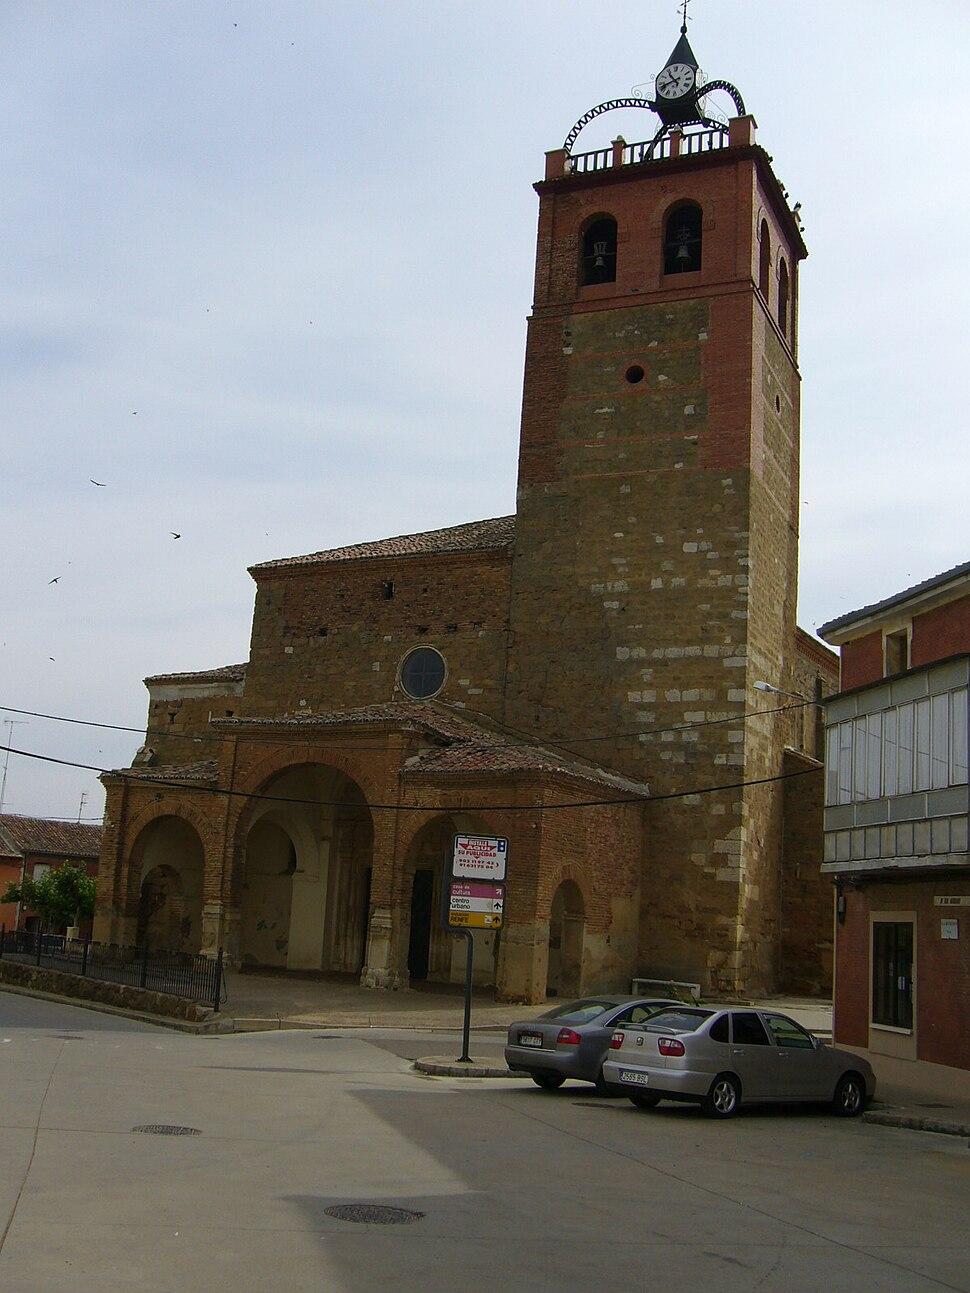 Church of Nuestra Señora de la Asunción - Iglesia de Nuestra Señora de la Asunción 004 - Osorno la Mayor